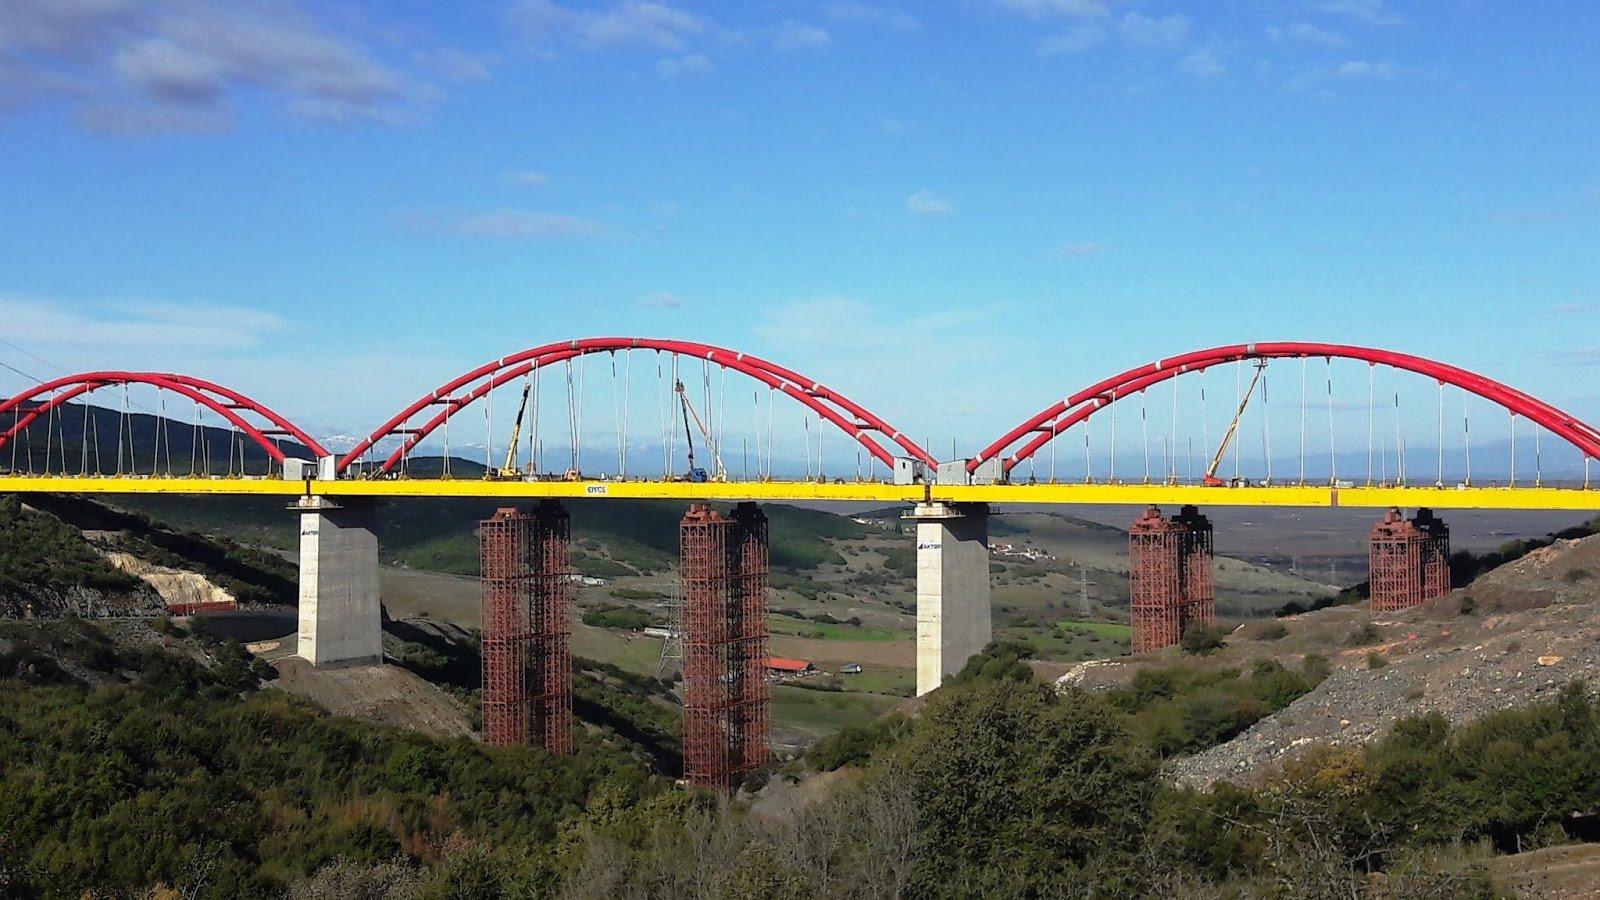 Οι δοκιμές φόρτισης για την παράδοση της Σιδηροδρομικής Γέφυρας Εκκάρας ΣΓ26